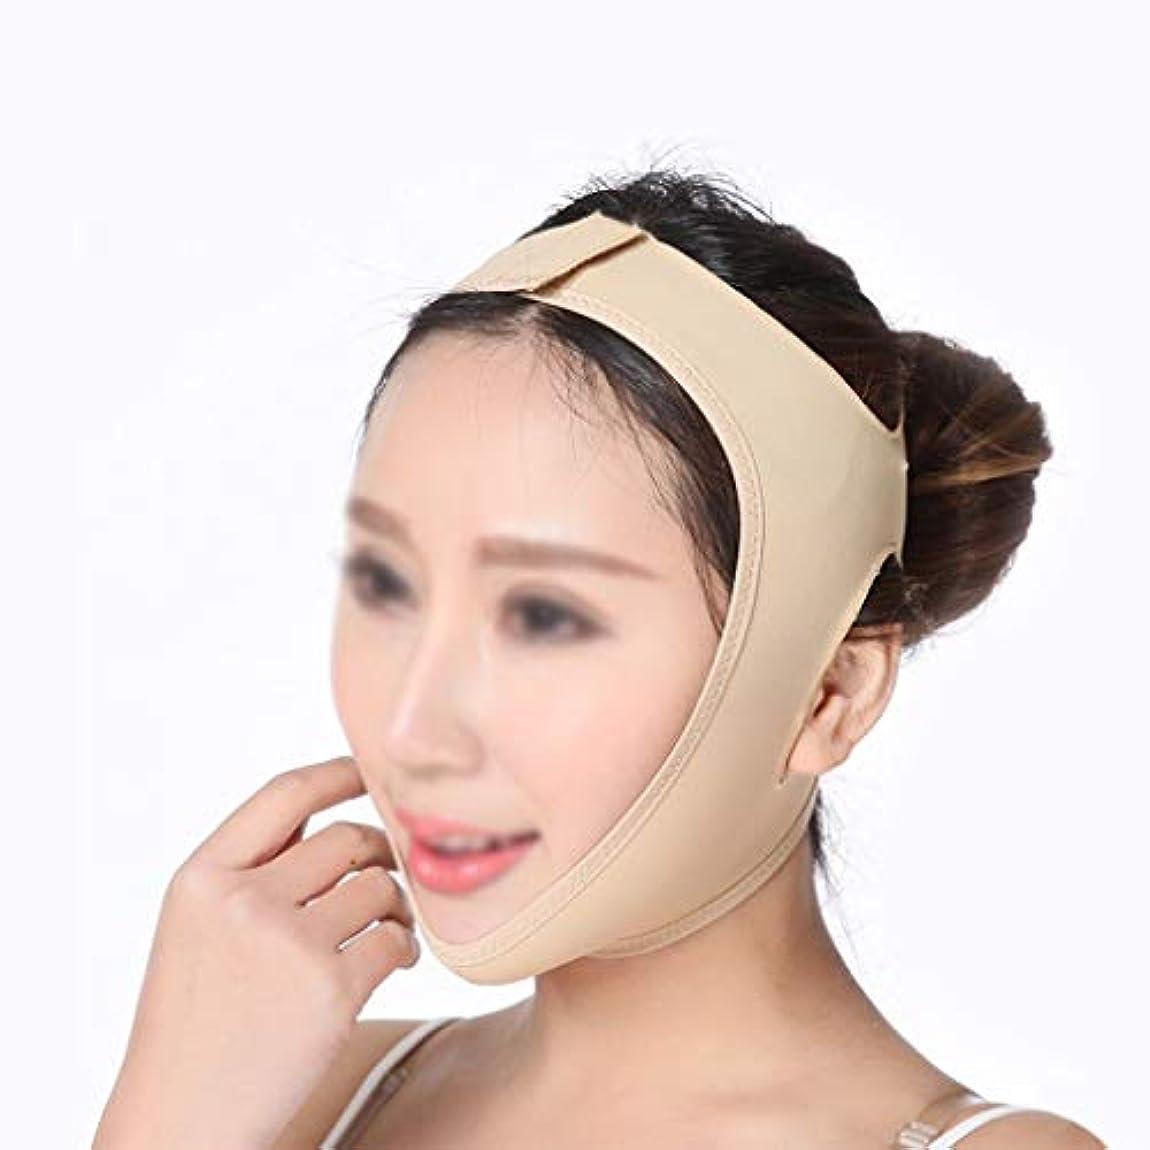 冗長製品気分XHLMRMJ フェイシャルチークリフティングマスク、ダブルチンとフェイス、フェイスリフト包帯を効果的に改善、ダブルチン を減らす (Size : L)